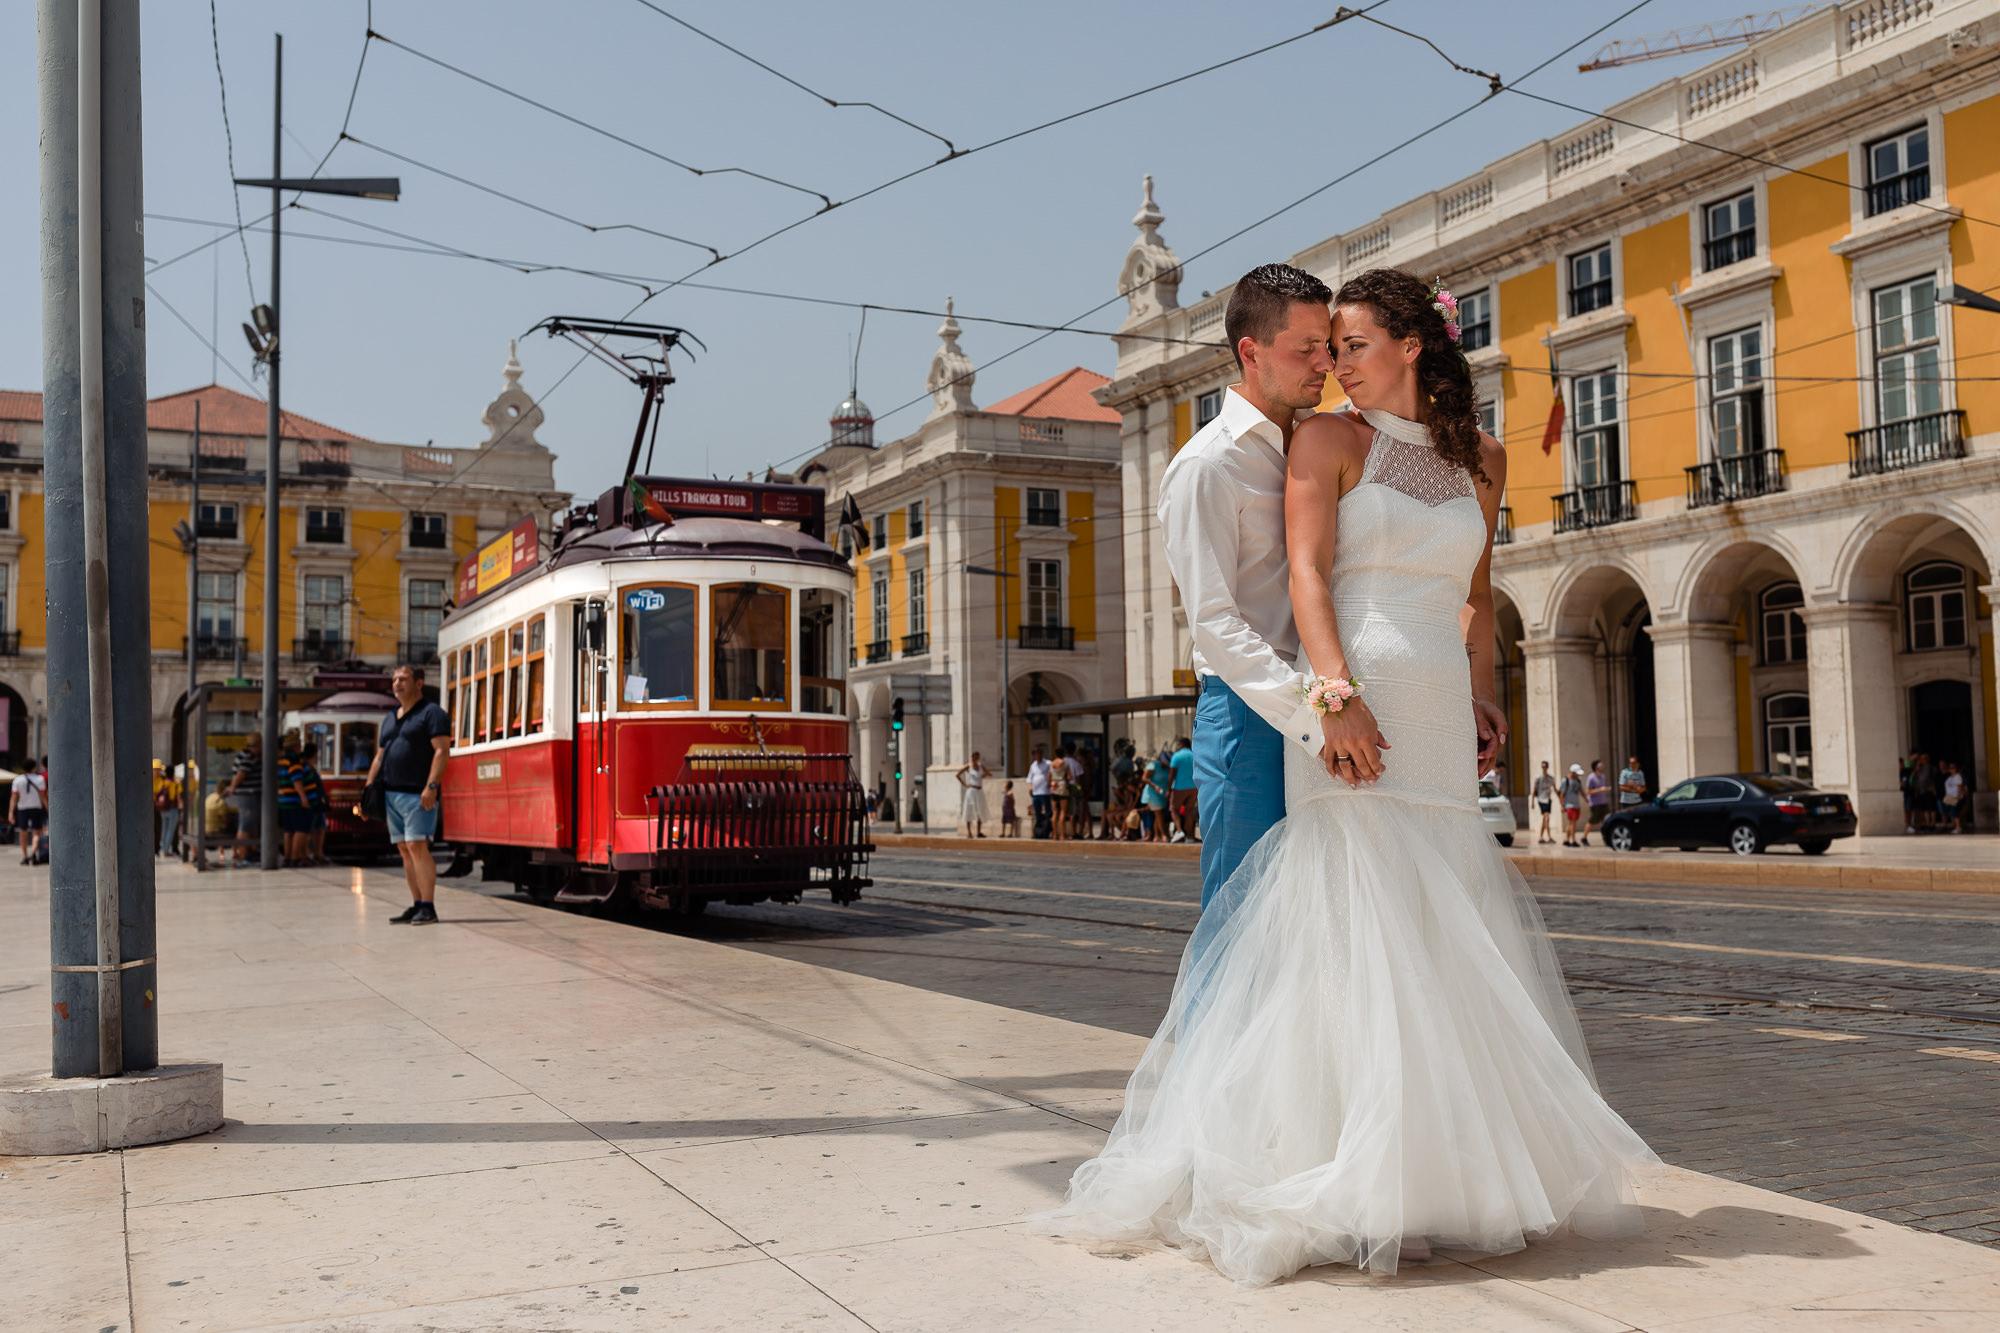 Bruidspaar poseert in Portugal in de stad bij een tram